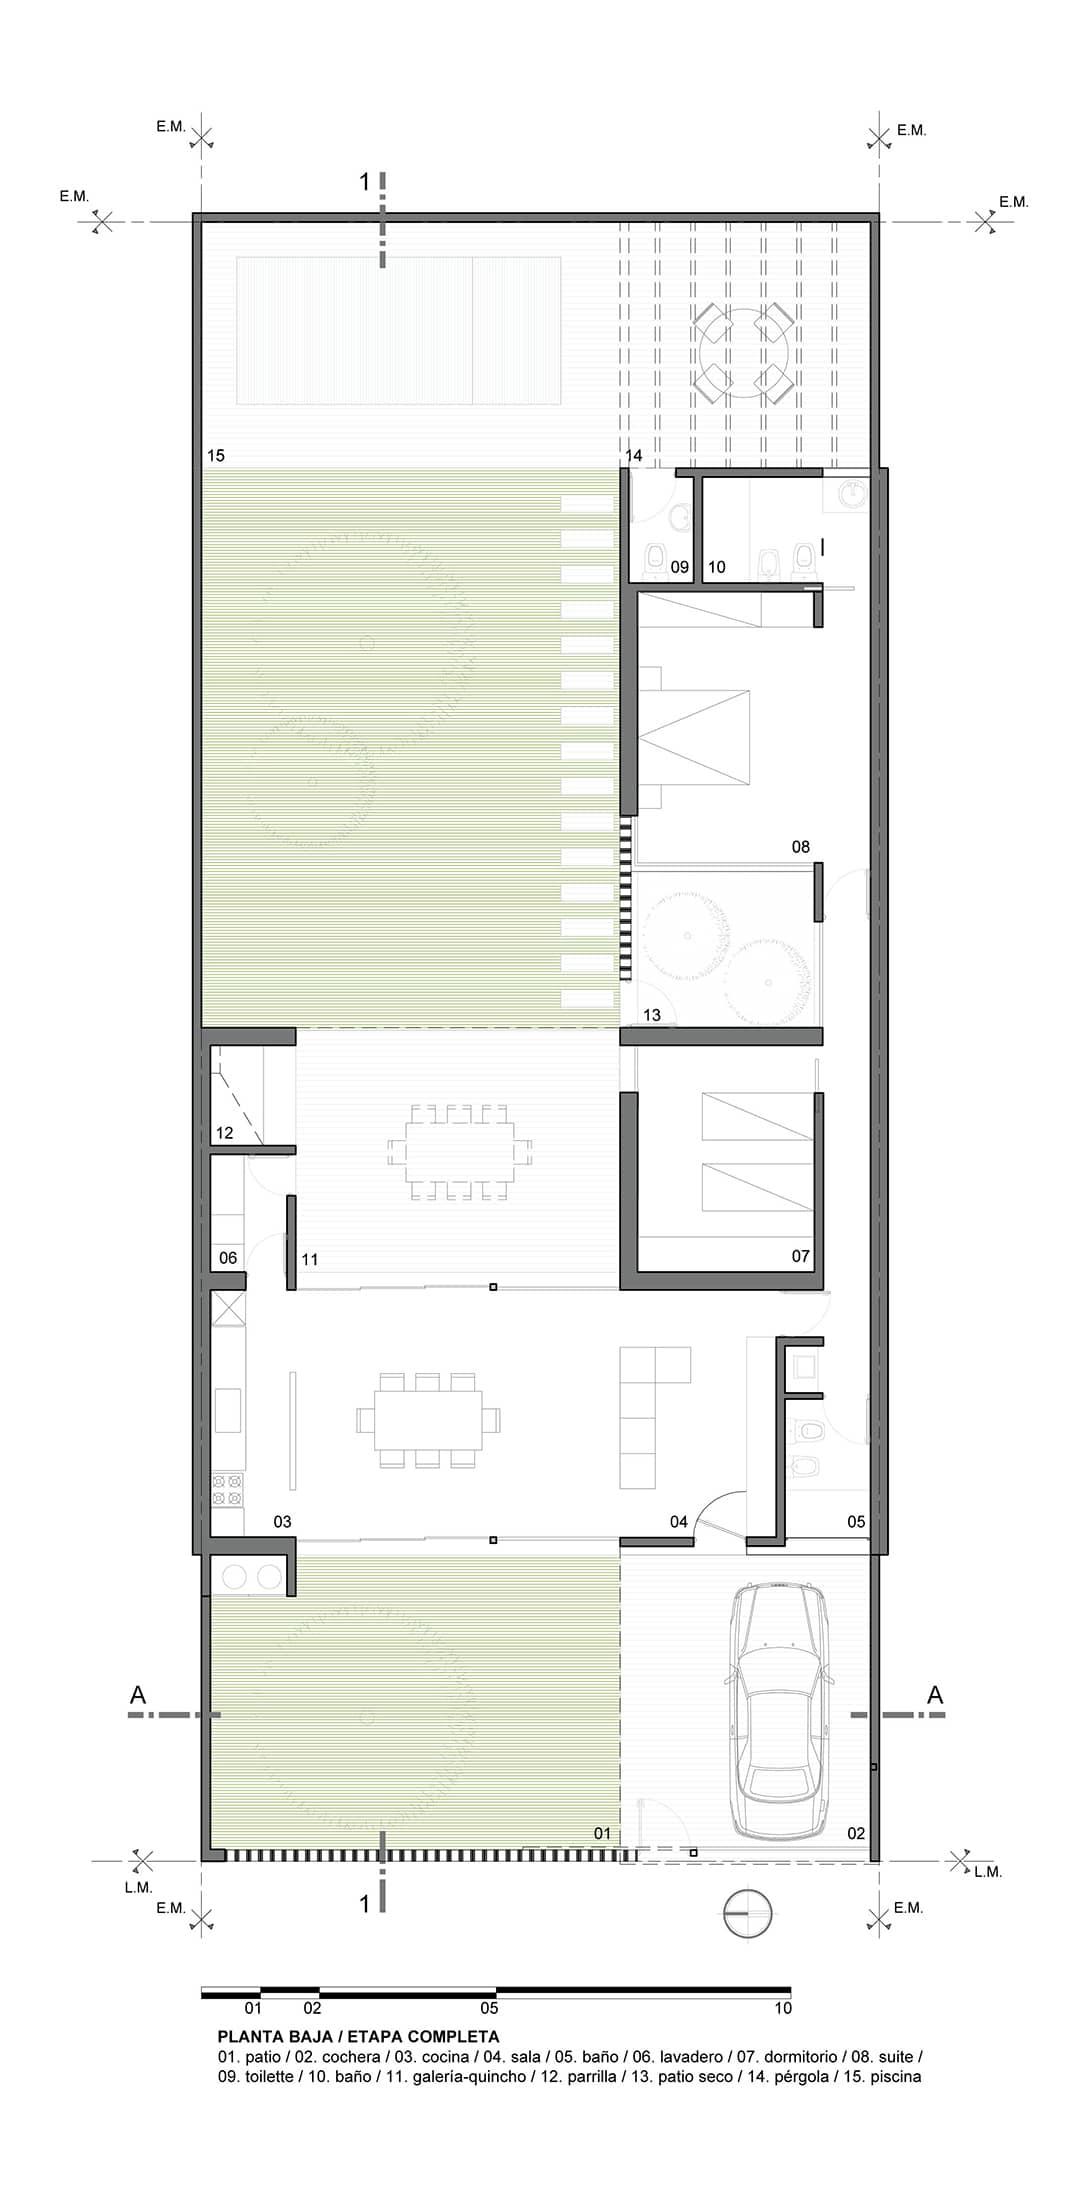 Casa de un piso y dos dormitorios construye hogar for Plano casa minimalista 2 dormitorios